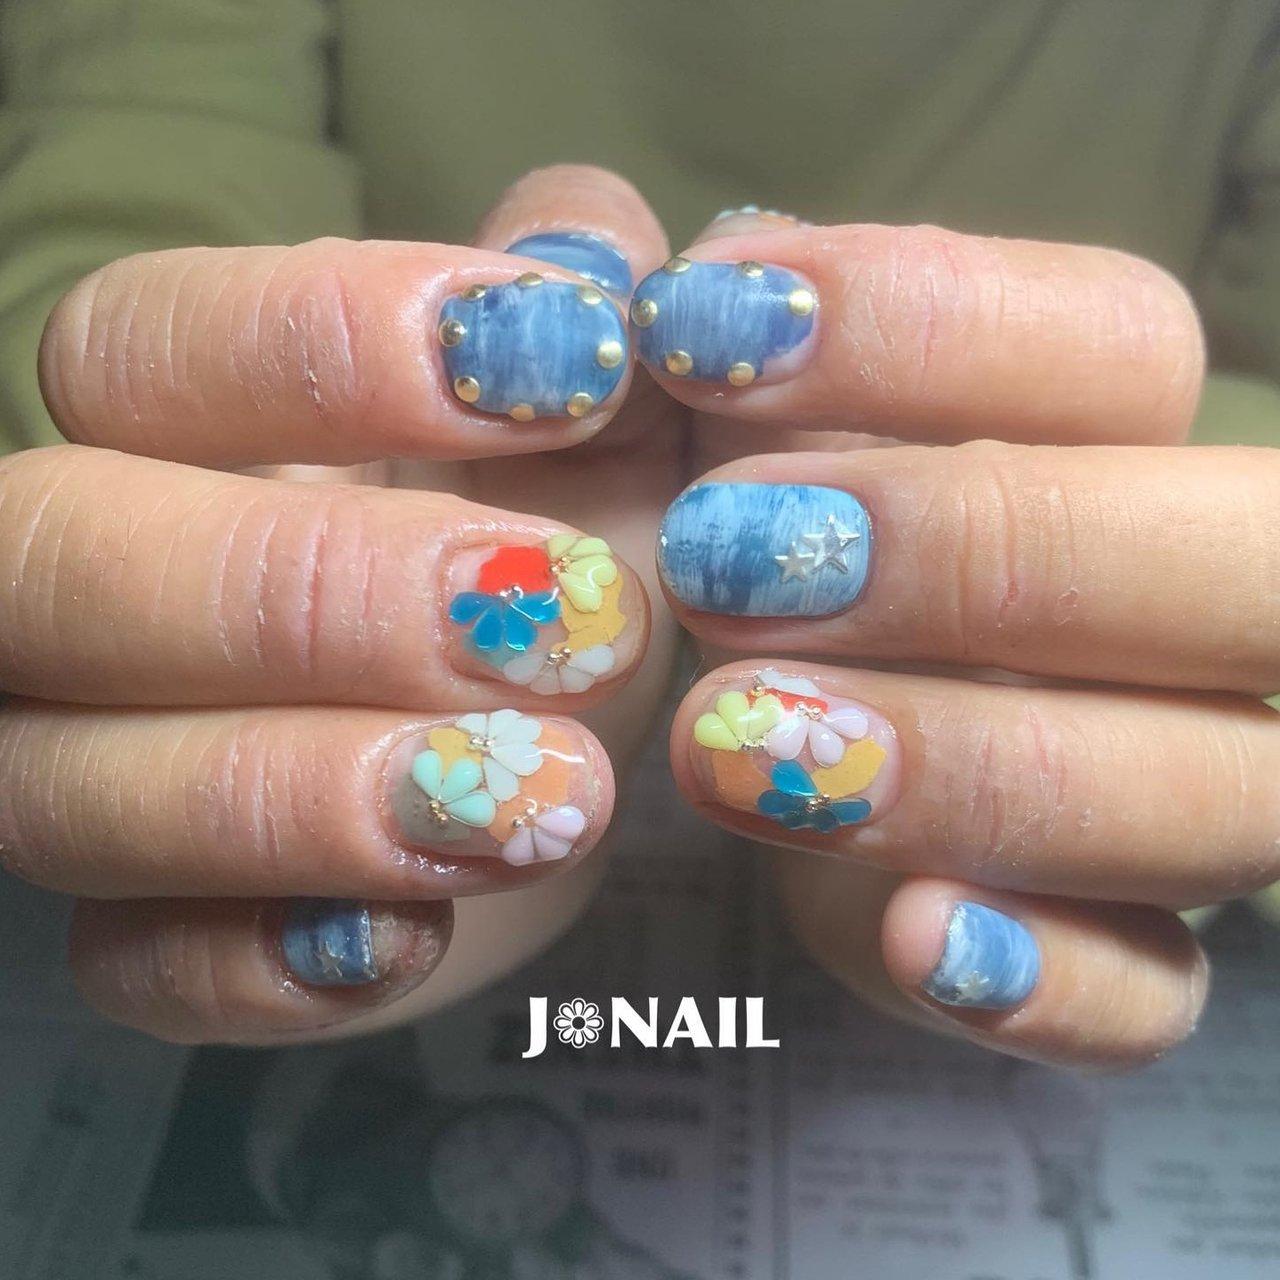 """•デニムにフラワー❁︎• いつも 完全お任せにしてくれるお客ちゃま♥ 今回はデニムと ペーパーパーツに しずくストーンでフラワー❁︎を(*ˊ˘ˋ*)♡ 可愛く仕上がりました❁︎❁︎❁︎ お気に召されたようで♥♥♥ ご予約はDM.LINE.Nailie.Nailbookにて受け付けております*˙︶˙*)ノ""""  @agehanails  @agehagel  @presto_official_nl  #GEL#NAIL#GELNAIL#gel#nail#gelnail #agehagel#Prestogel #naildesign#nailart #ジェル#ネイル#ジェルネイル#ジェルアート#ジェルデザイン#ネイルアート#ネイルデザイン#春ネイル#フラワーネイル#デニムネイル#スターネイル #女子#女子力 #モチベーションアップ #テンションあがるッ!! #大阪ネイル#堺市ネイル#堺市西区ネイルサロン #J❁︎NAIL #春 #オールシーズン #デート #女子会 #ハンド #フラワー #星 #デニム #マット #ショート #ネイビー #パステル #カラフル #ジェル #お客様 #★ぢゅん★ #ネイルブック"""